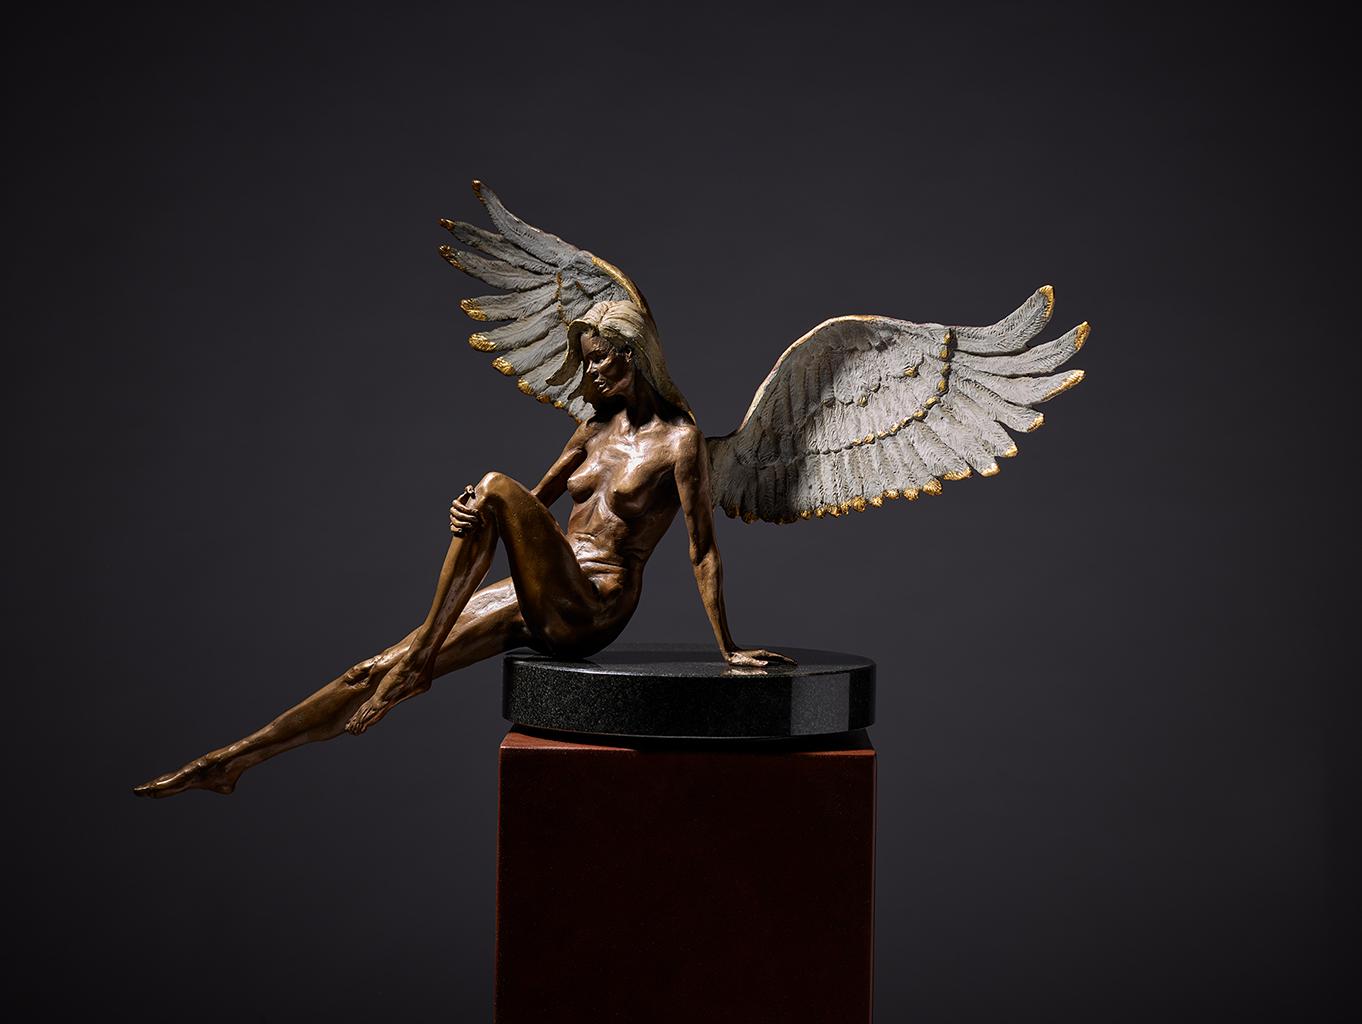 fallen angel edwards_1711_002.jpg